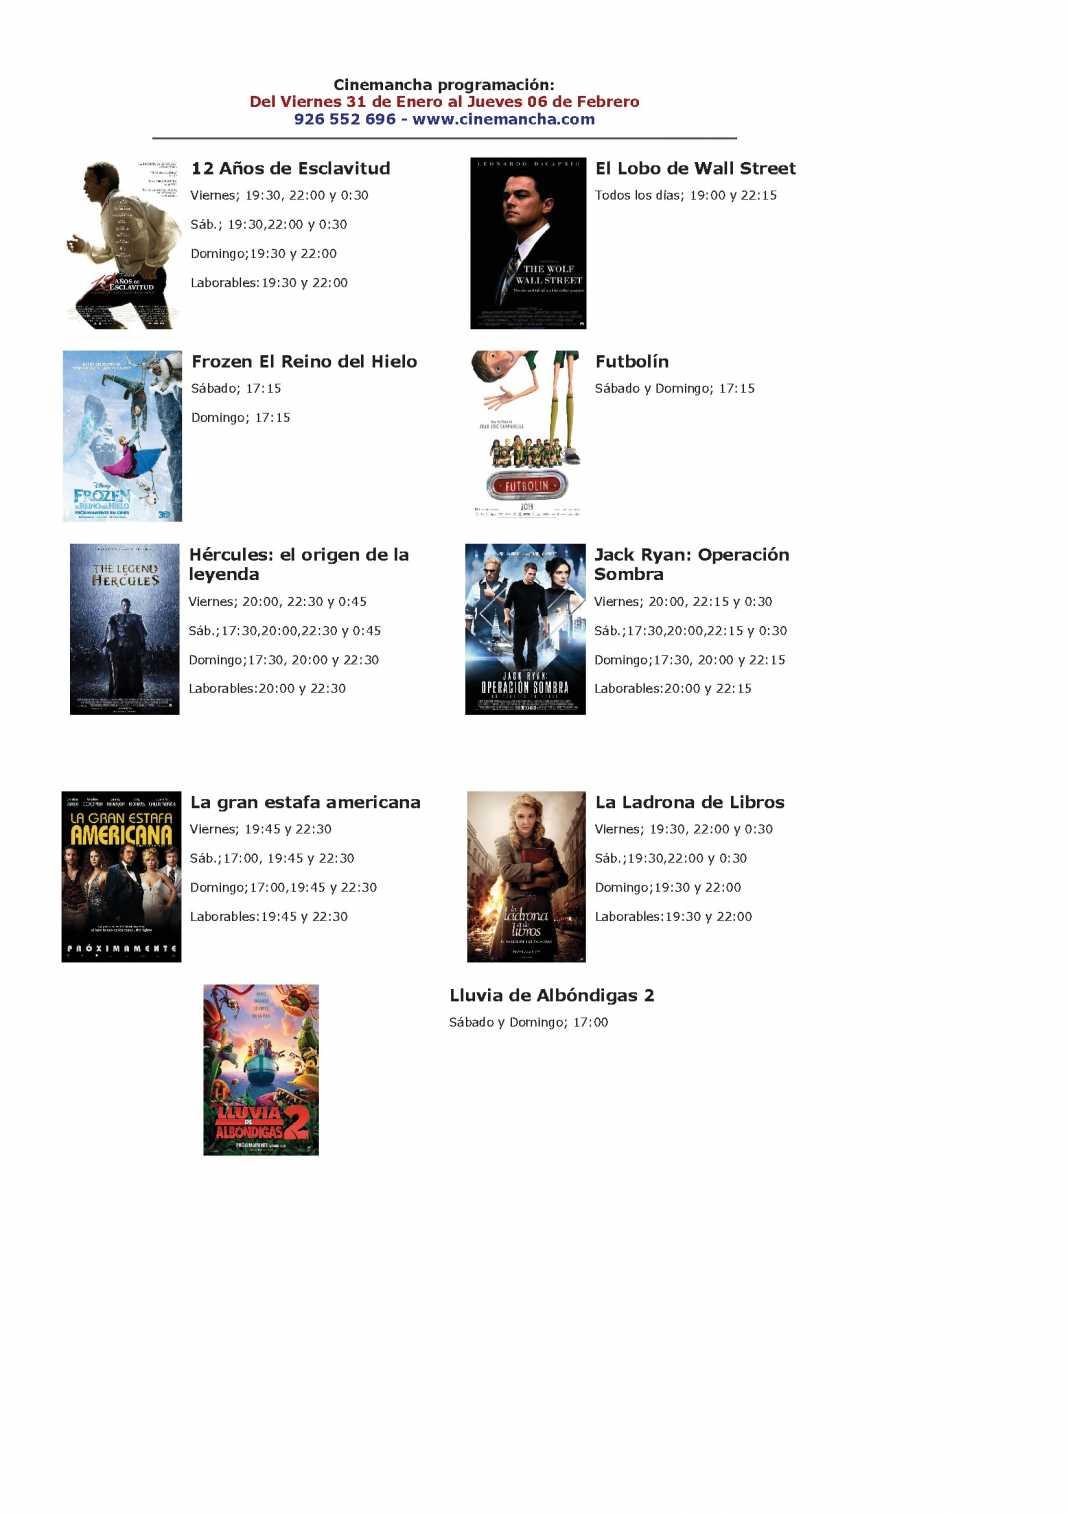 Programación Cinemancha del 31 de enero al jueves 6 de febrero. 1